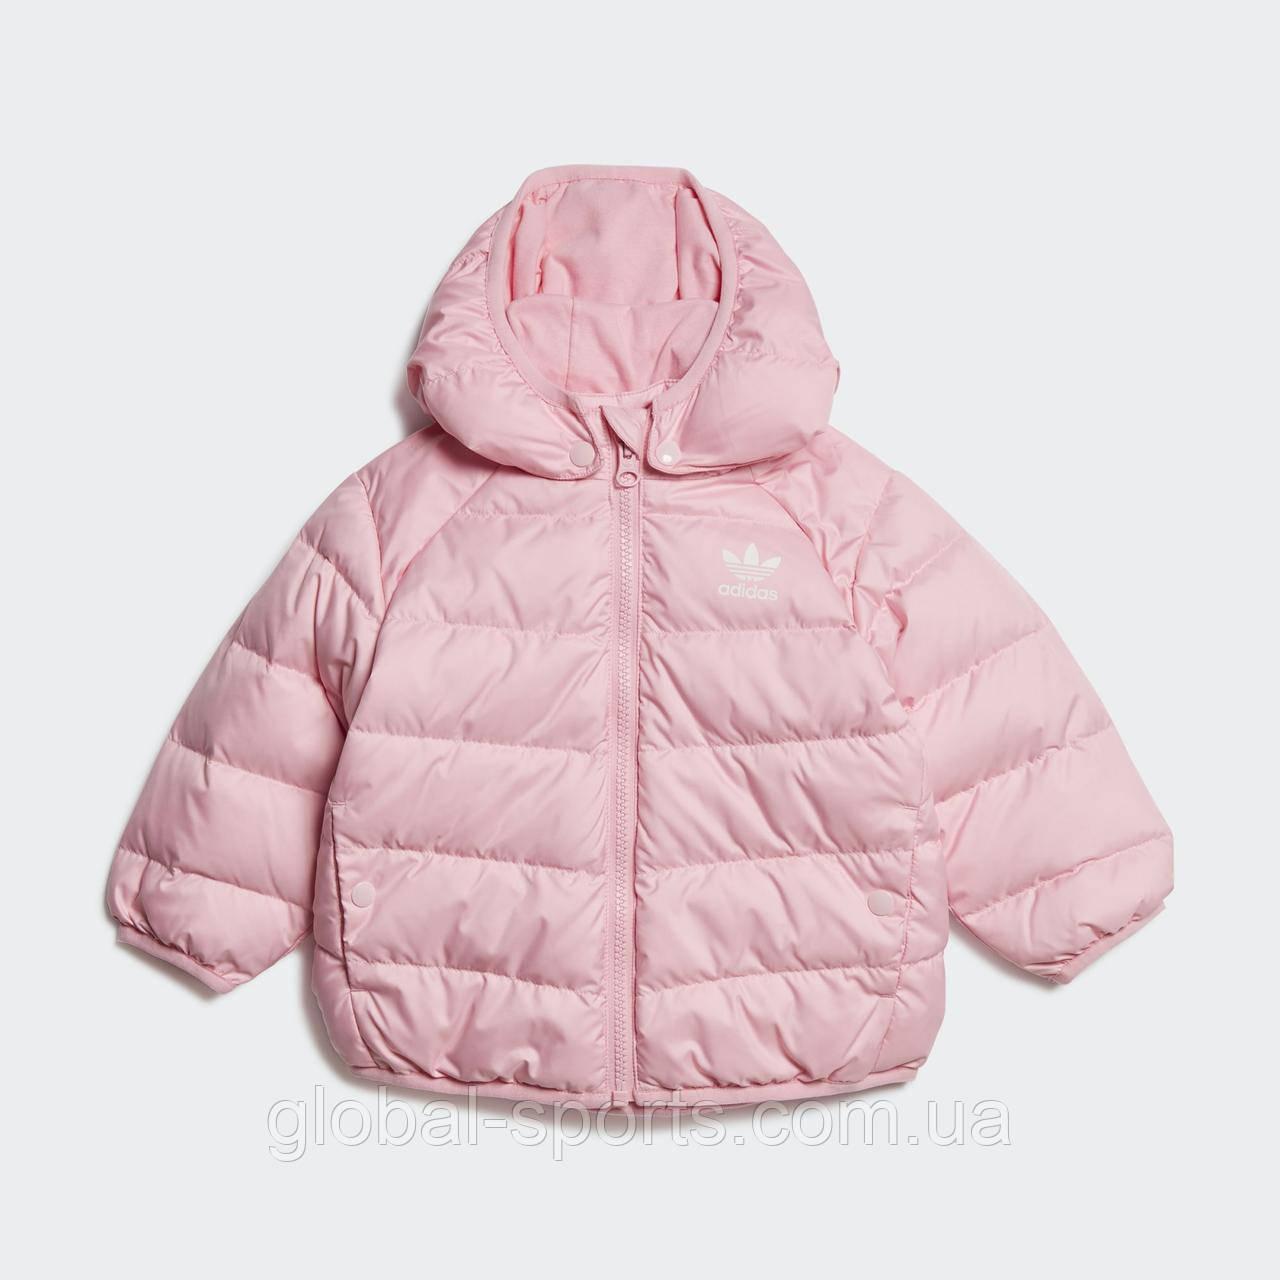 Детский пуховик Adidas Real Down Jacket(Артикул:GD2640)